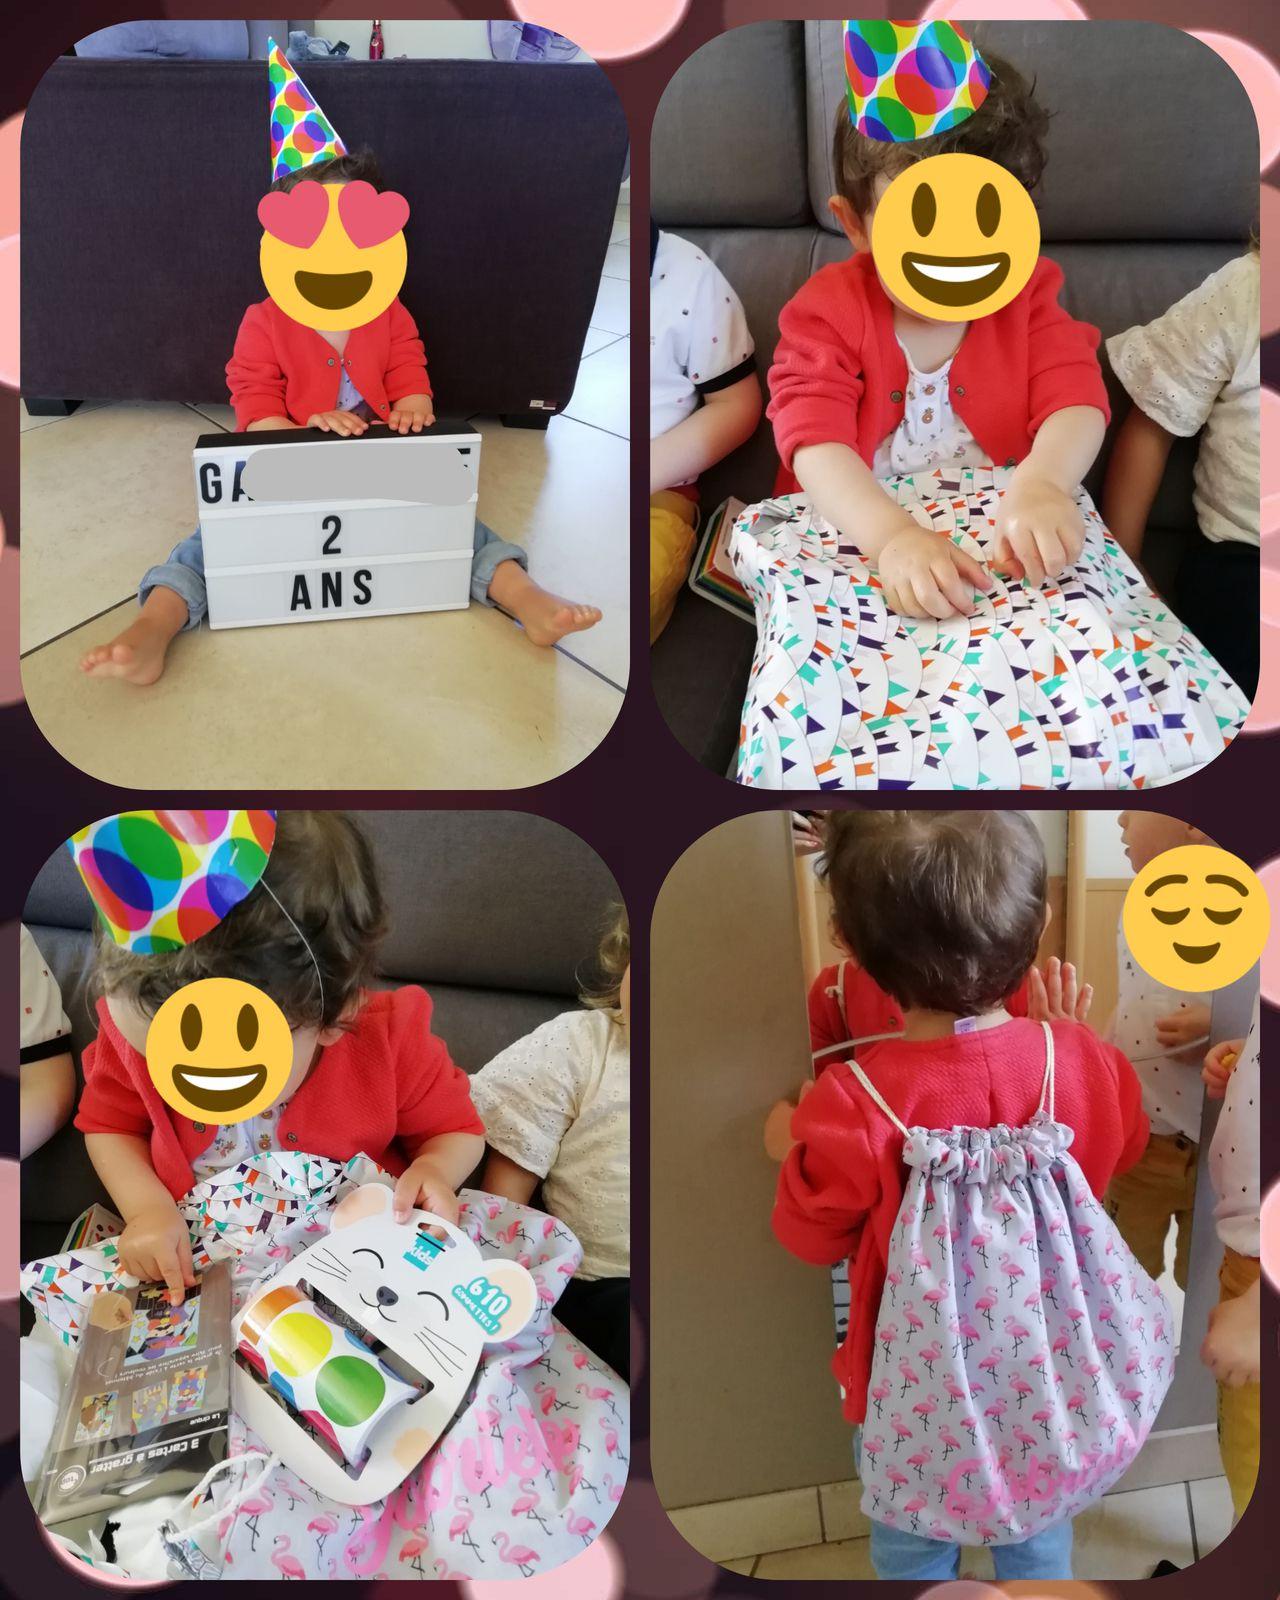 Un petit sac personnalisé fait maison et des activités à faire avec papa et maman